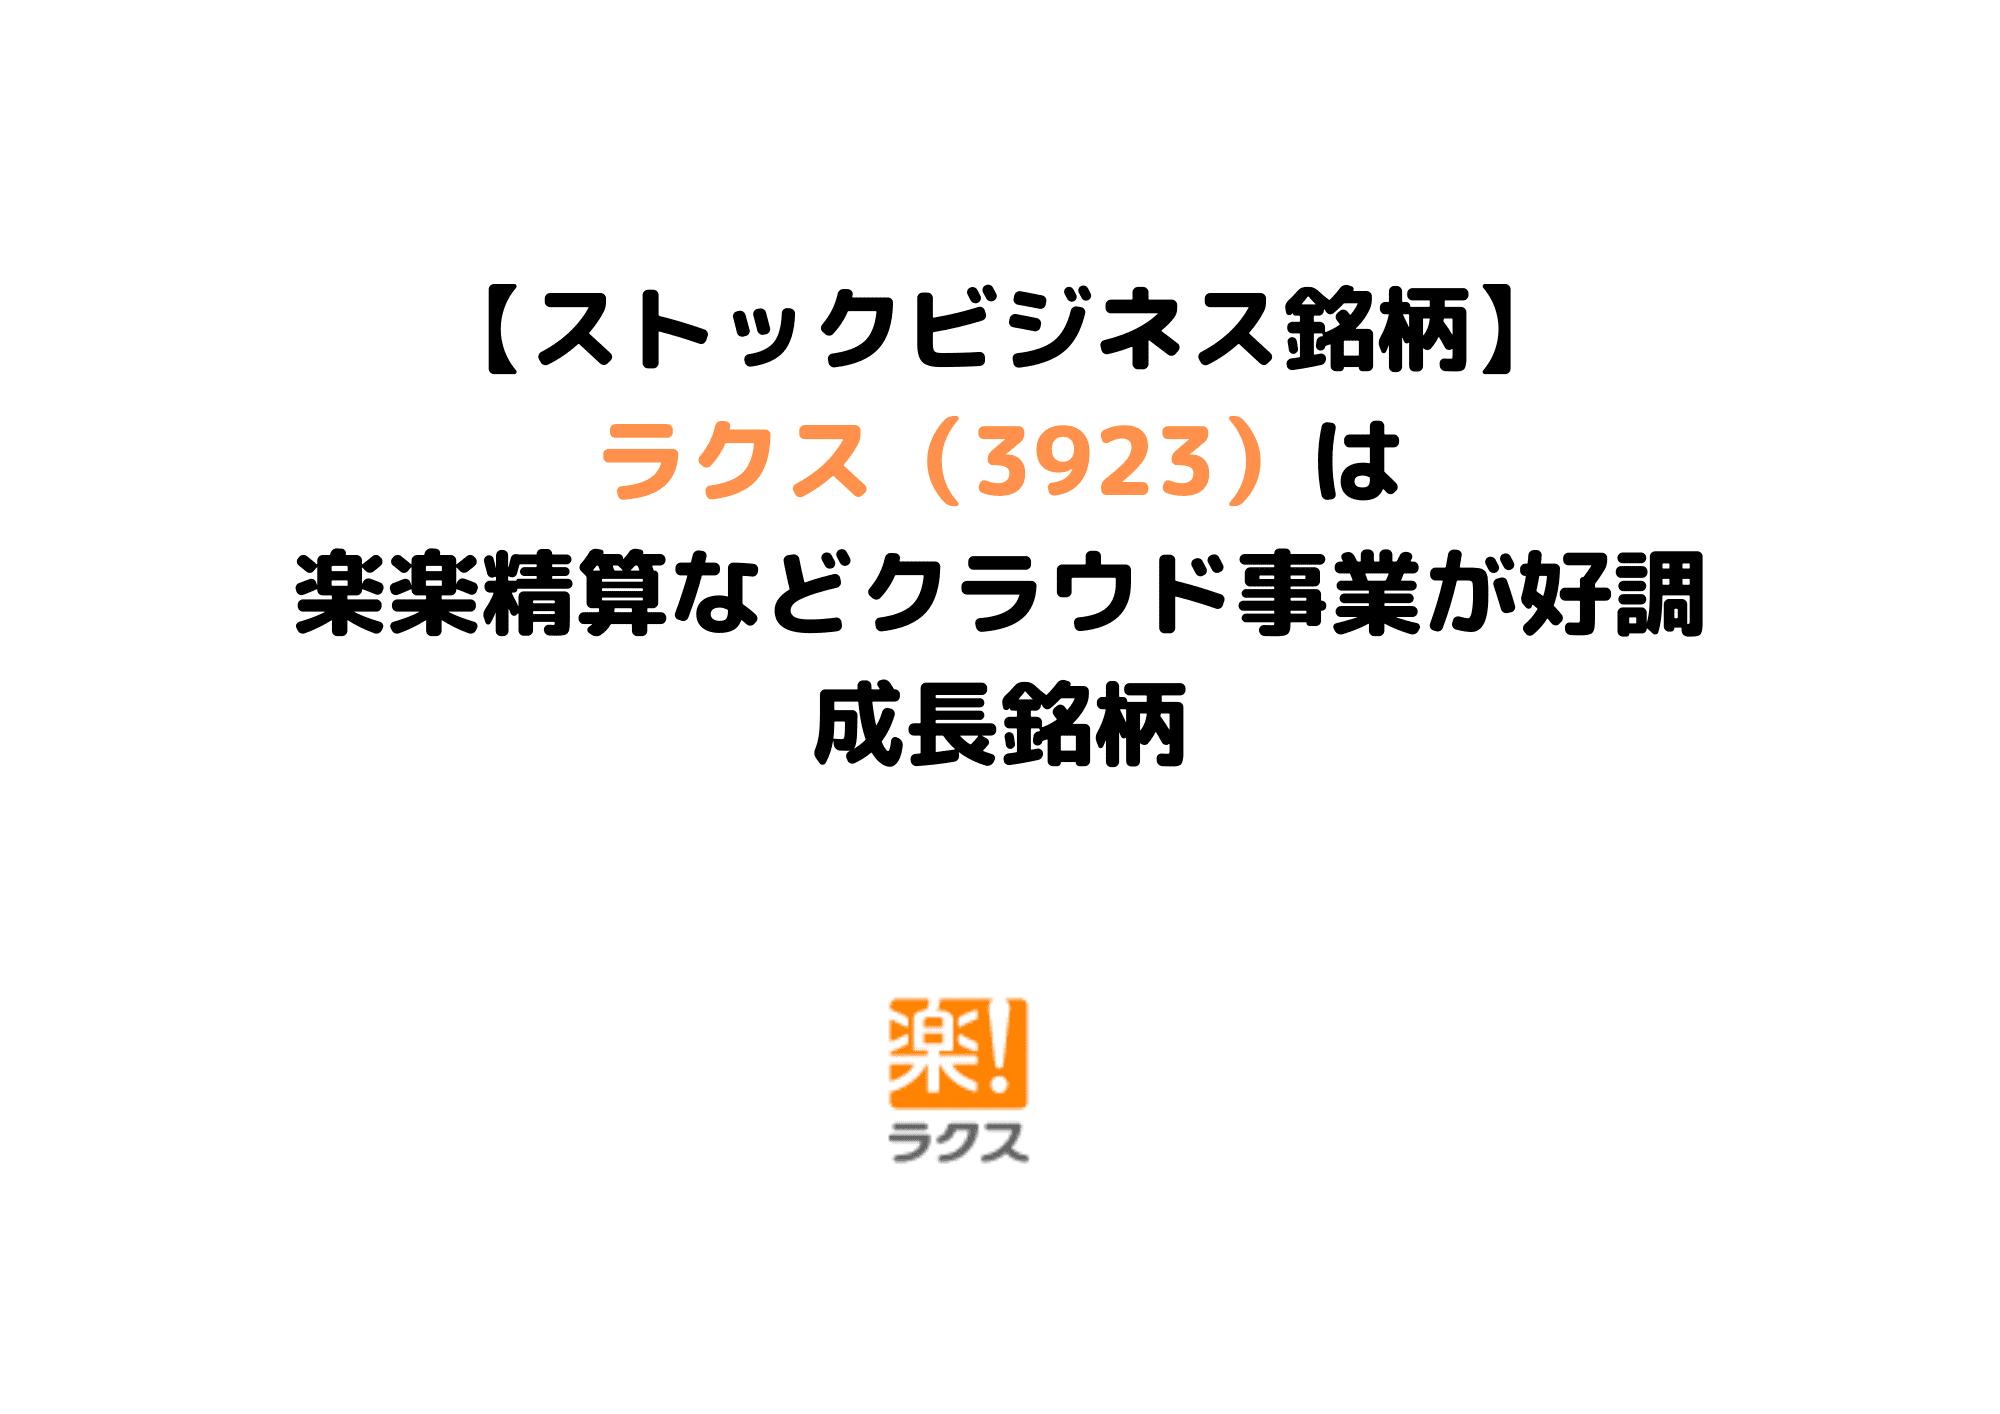 3923 ラクス (2) (1)